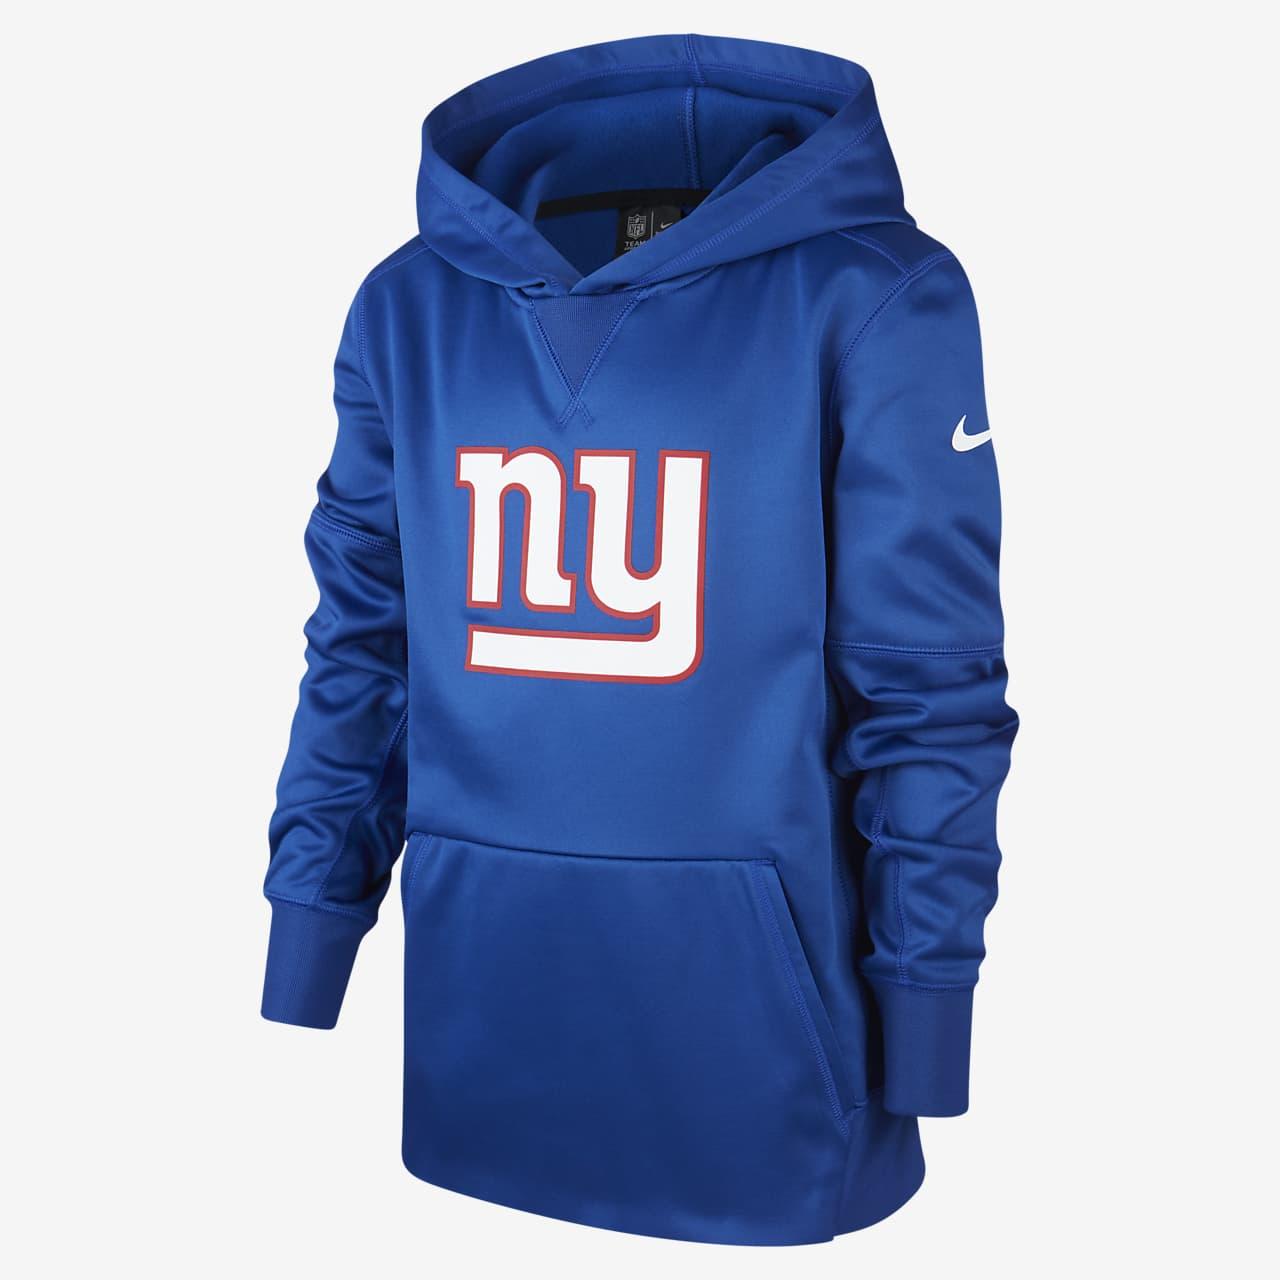 Nike (NFL Giants) Older Kids' Hoodie